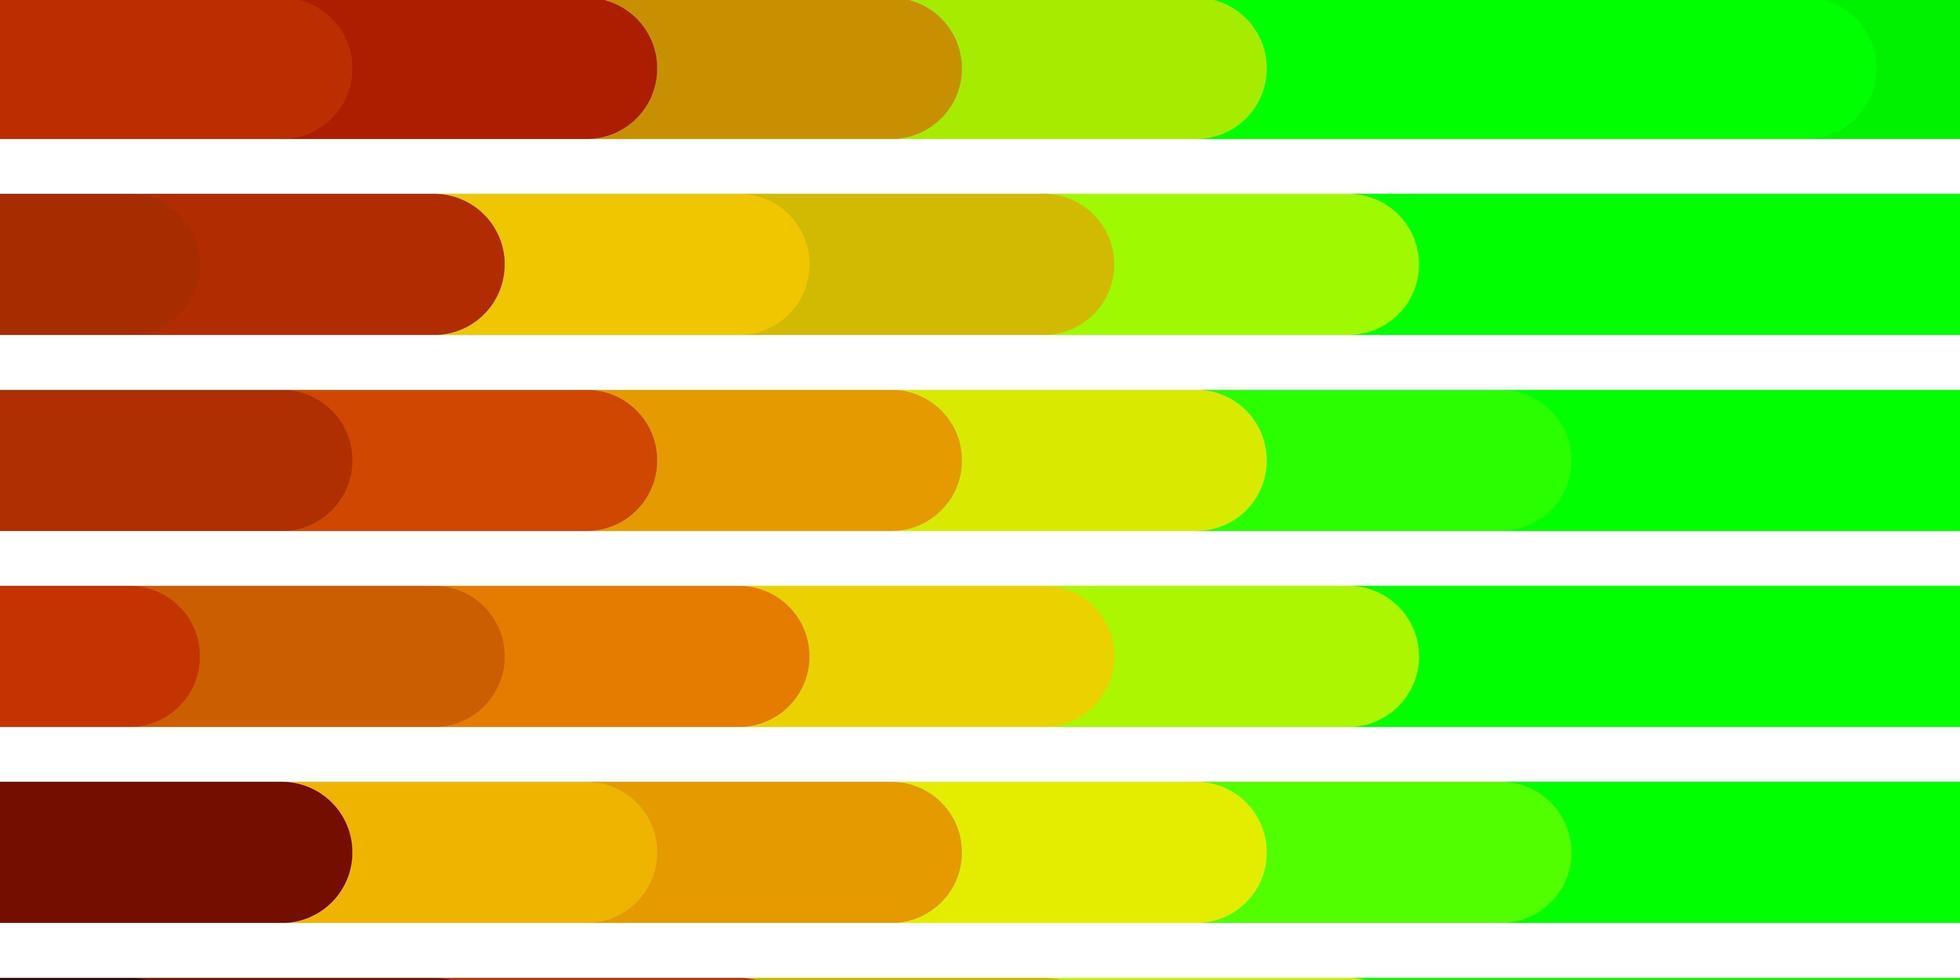 ljusgrön, gul vektorlayout med linjer. vektor